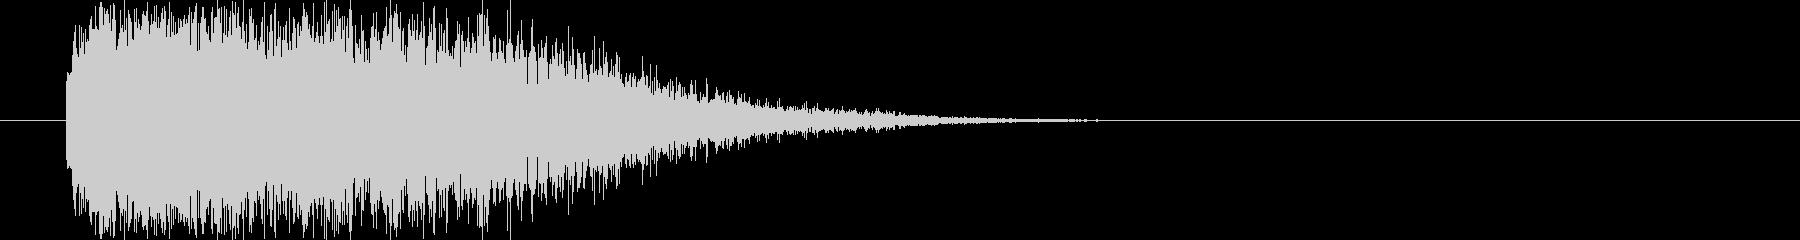 魔法効果(m0141)の未再生の波形